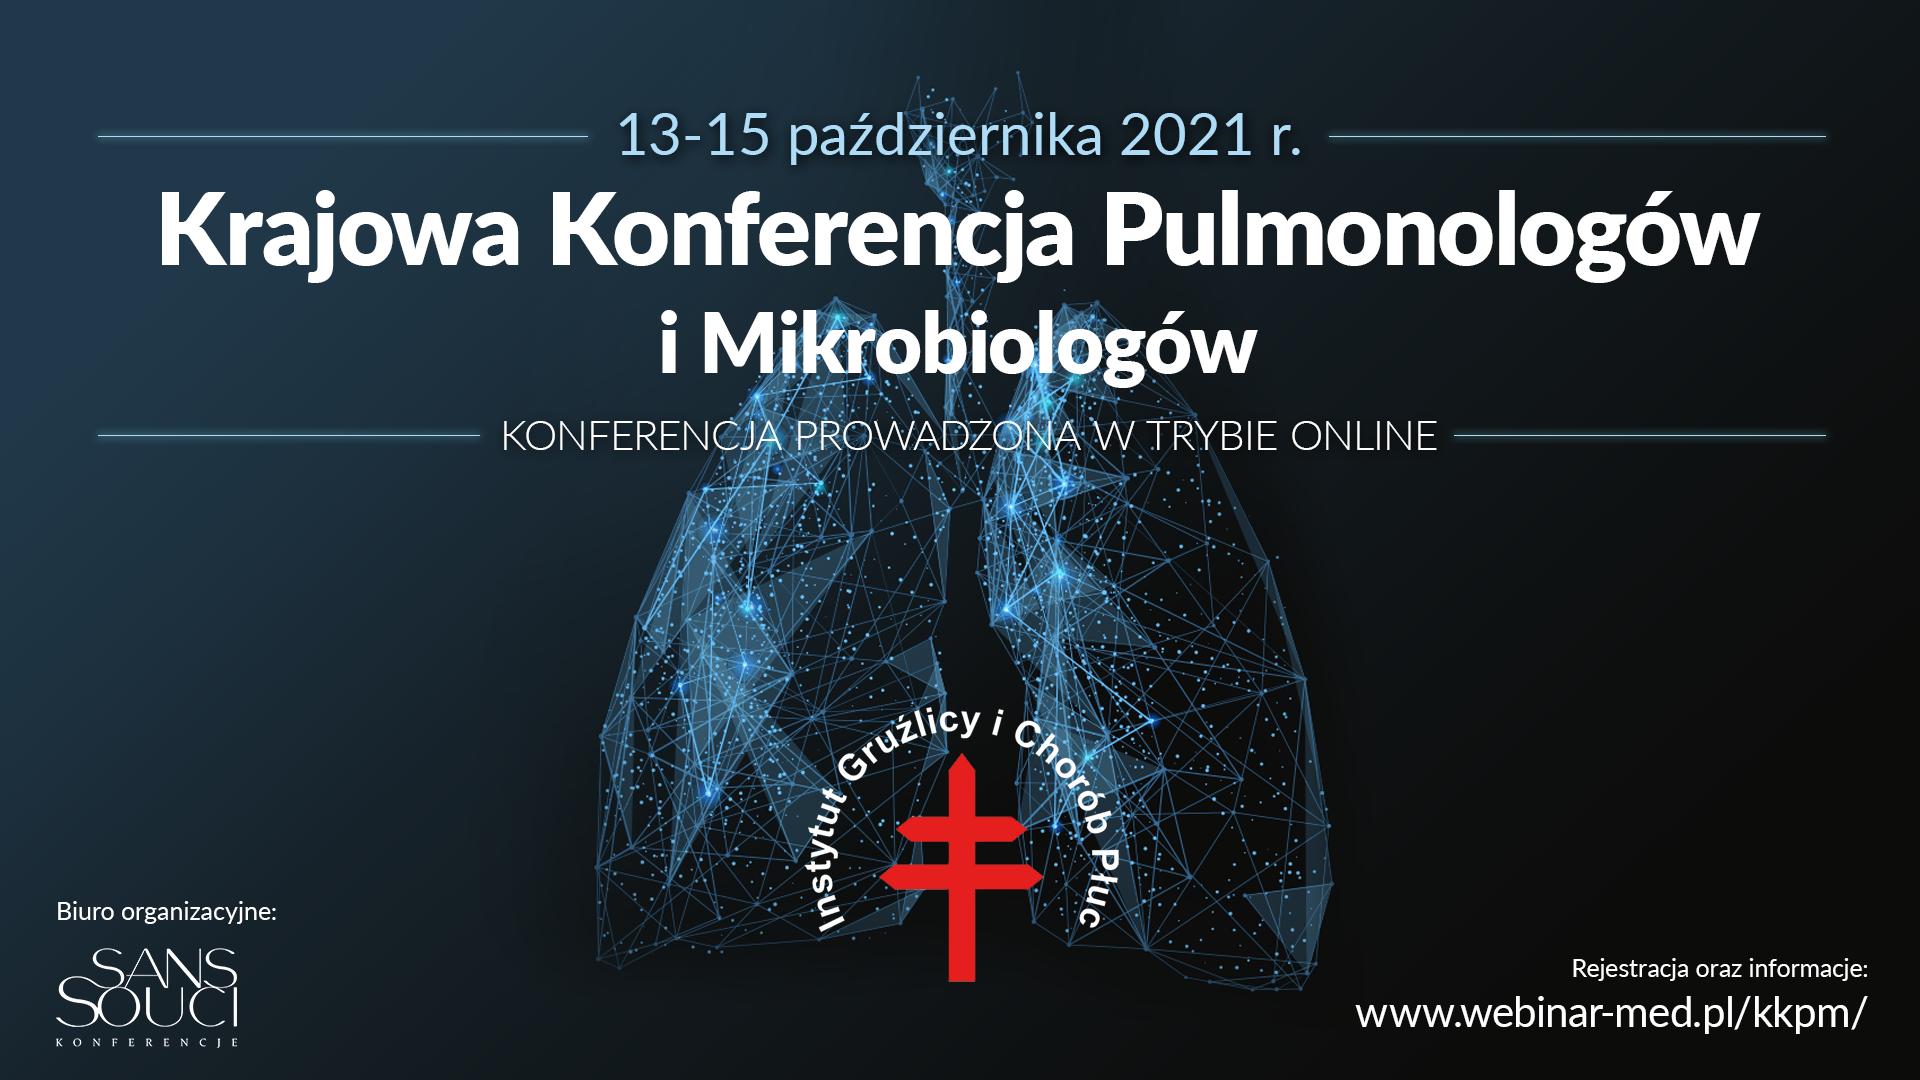 Krajowa Konferencja Pulmonologów i Mikrobiologów